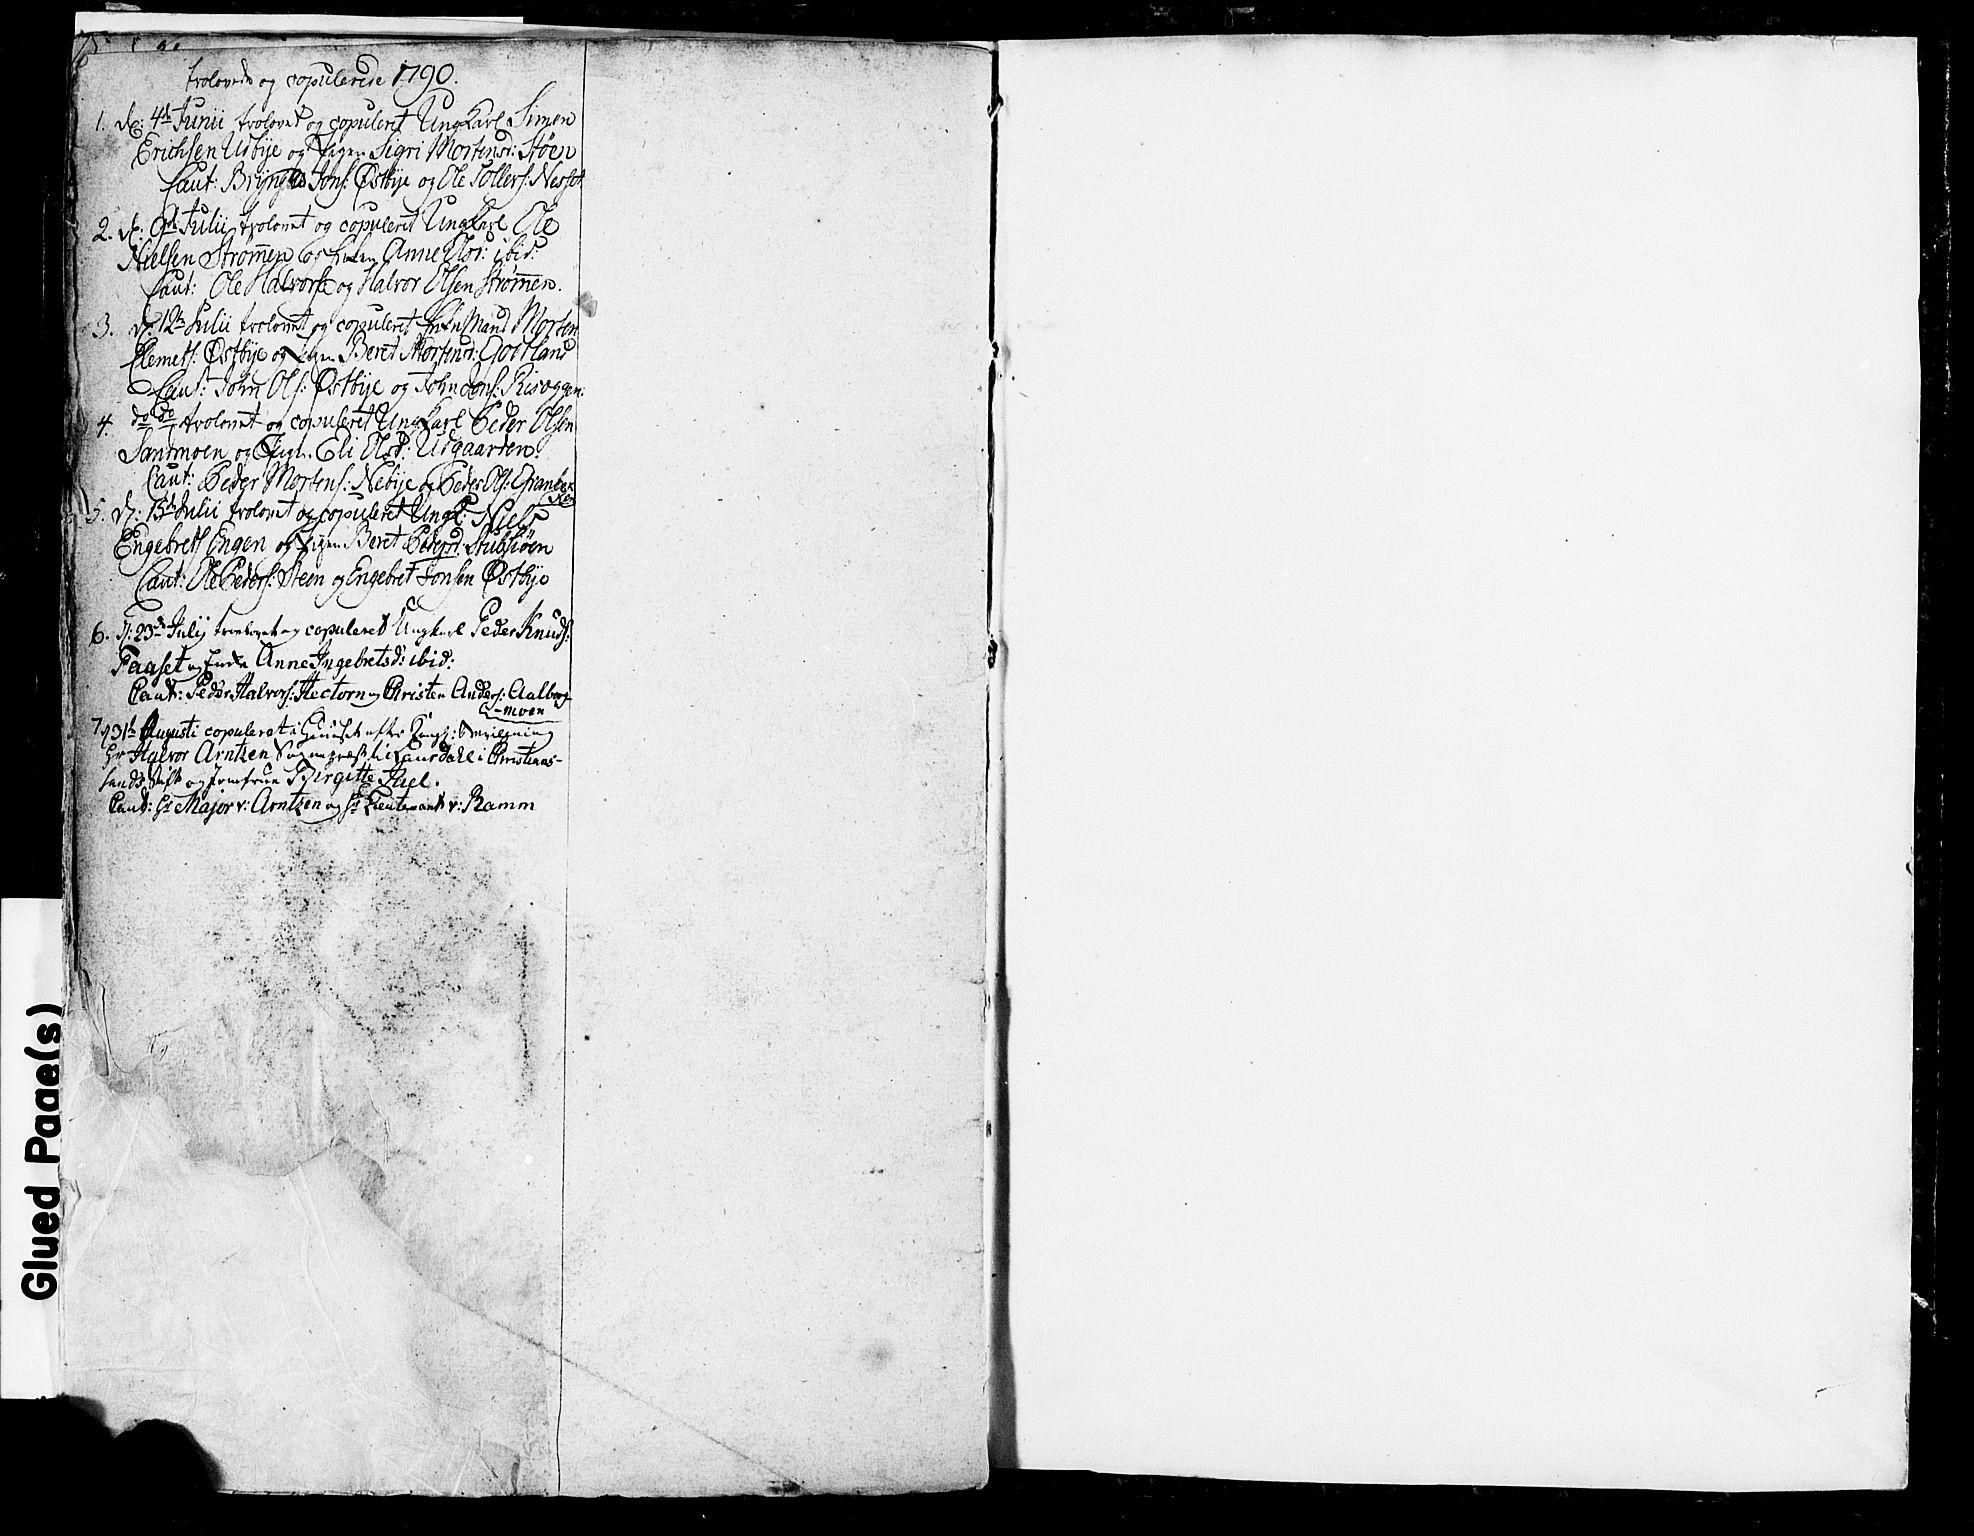 SAH, Tynset prestekontor, Parish register (official) no. 13, 1784-1790